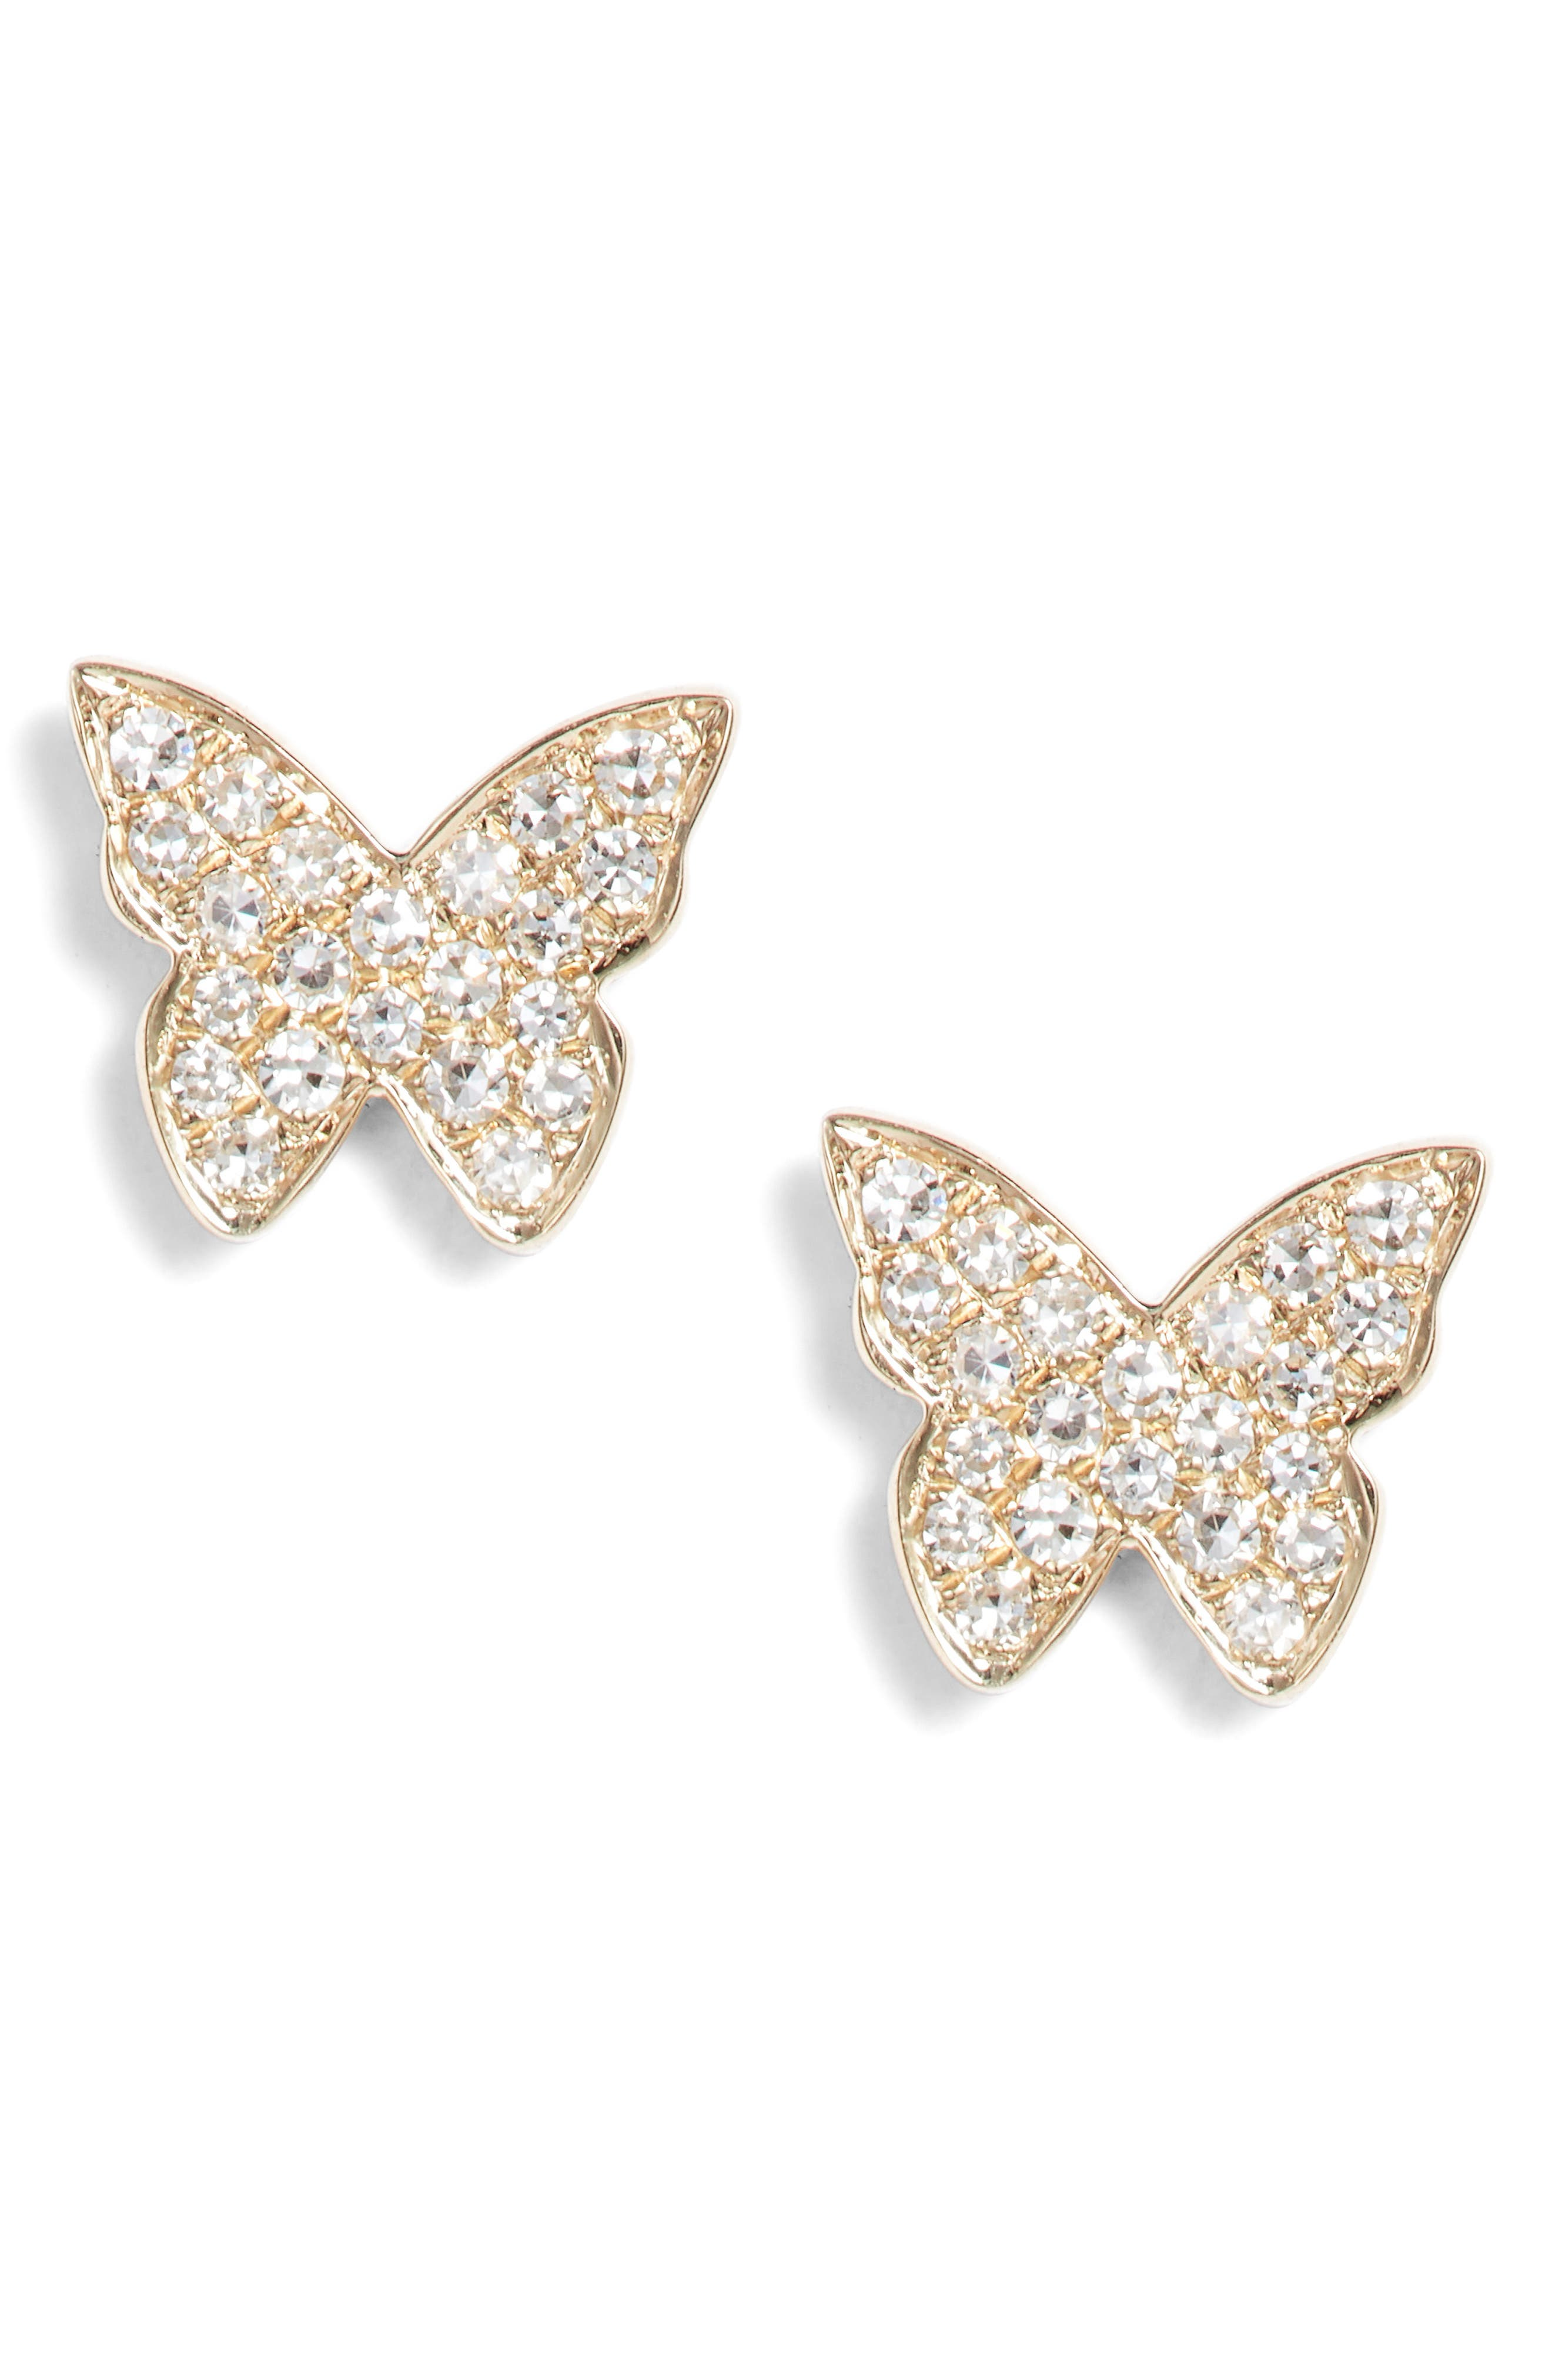 BUTTERFLY DIAMOND STUD EARRINGS